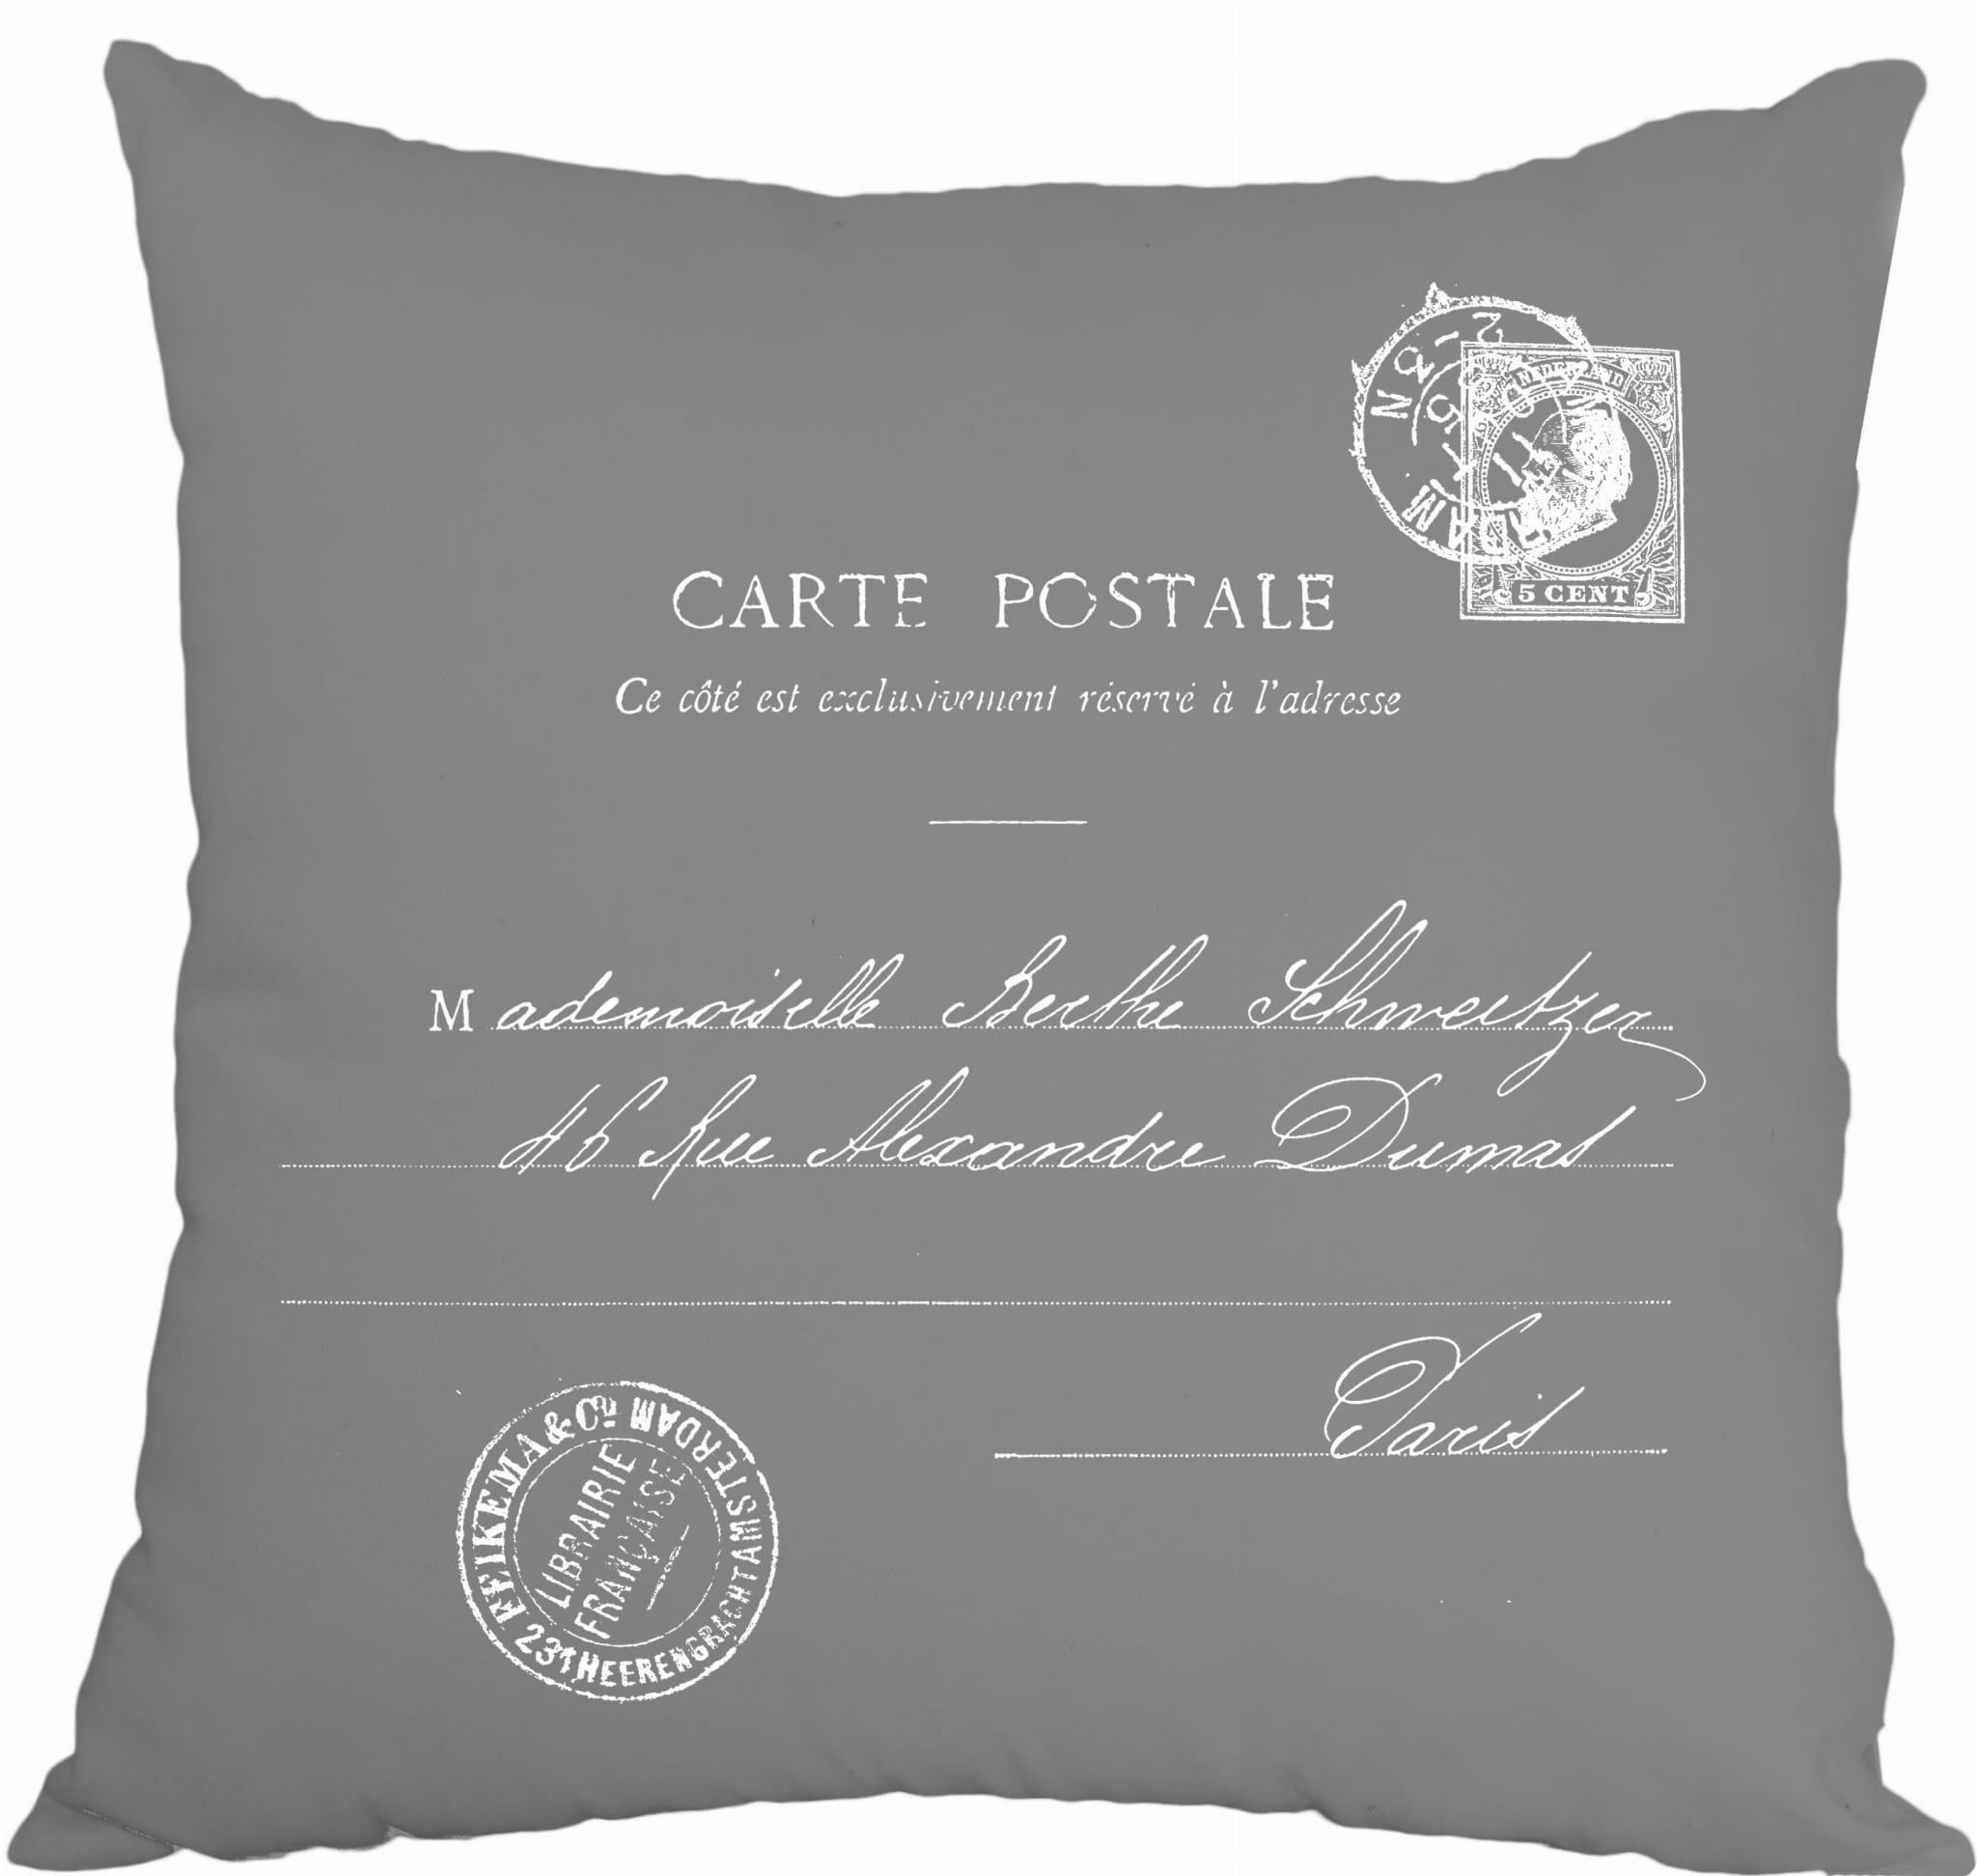 Poszewki Dekoracyjne Carte Postale French Home Szara